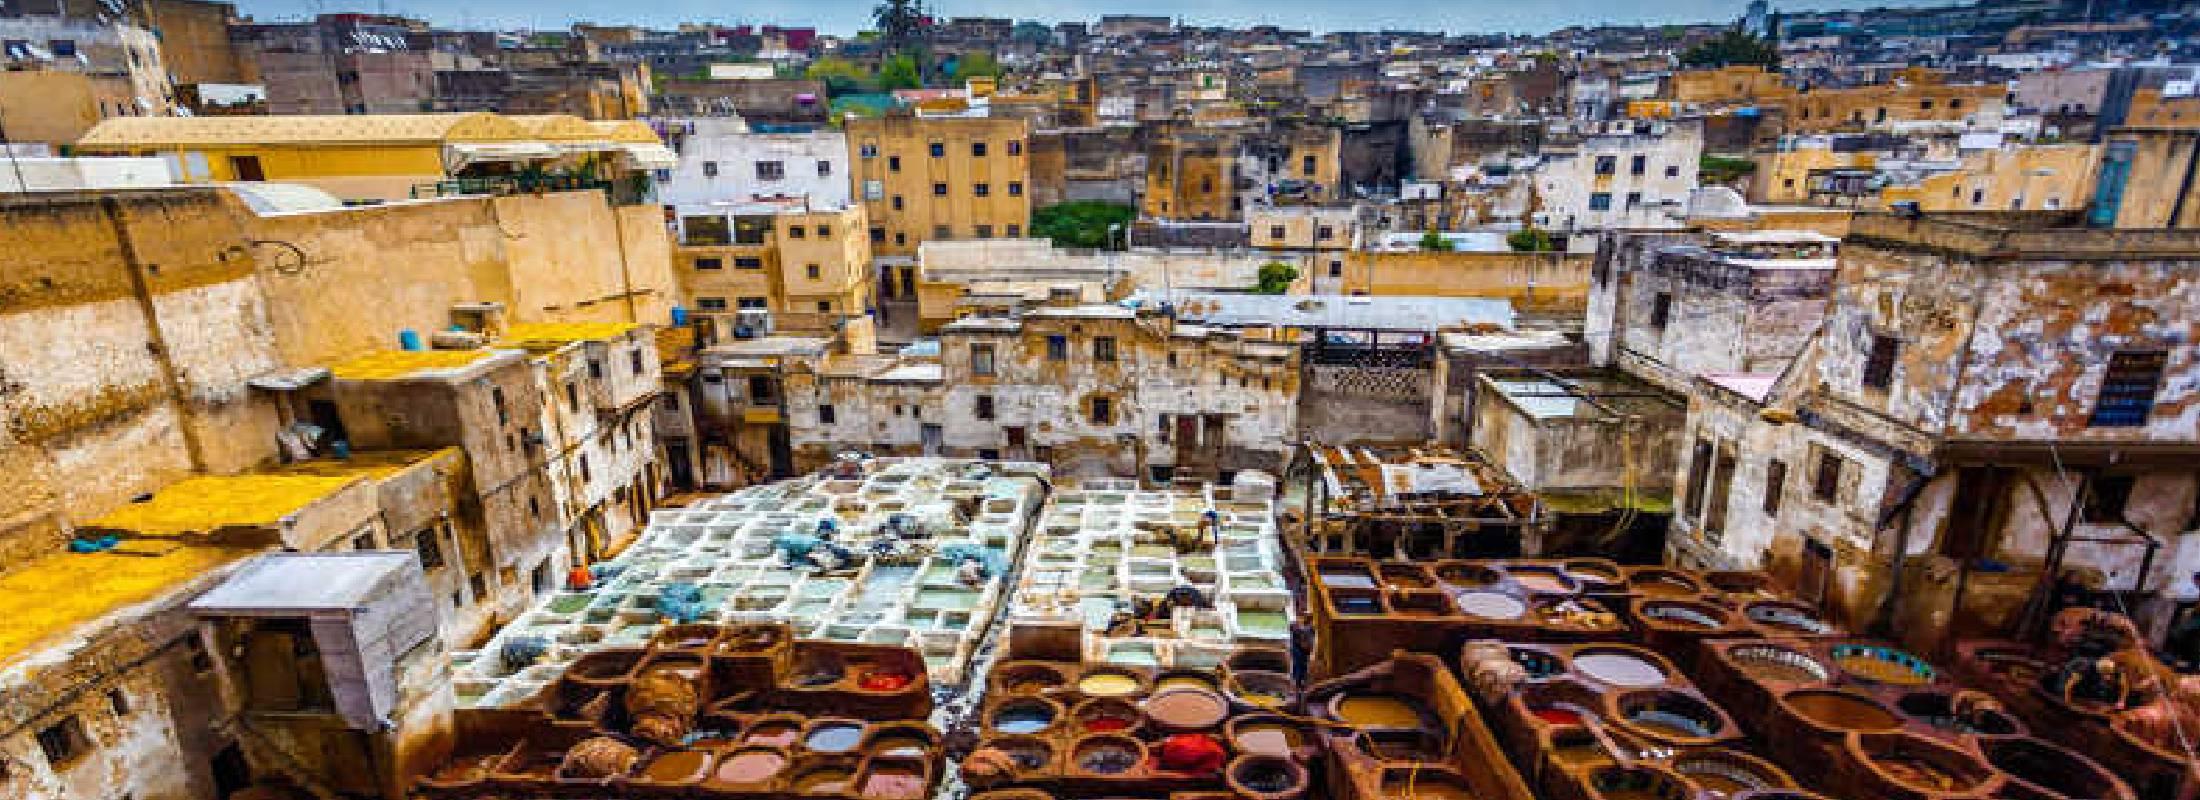 Vistas de Marruecos